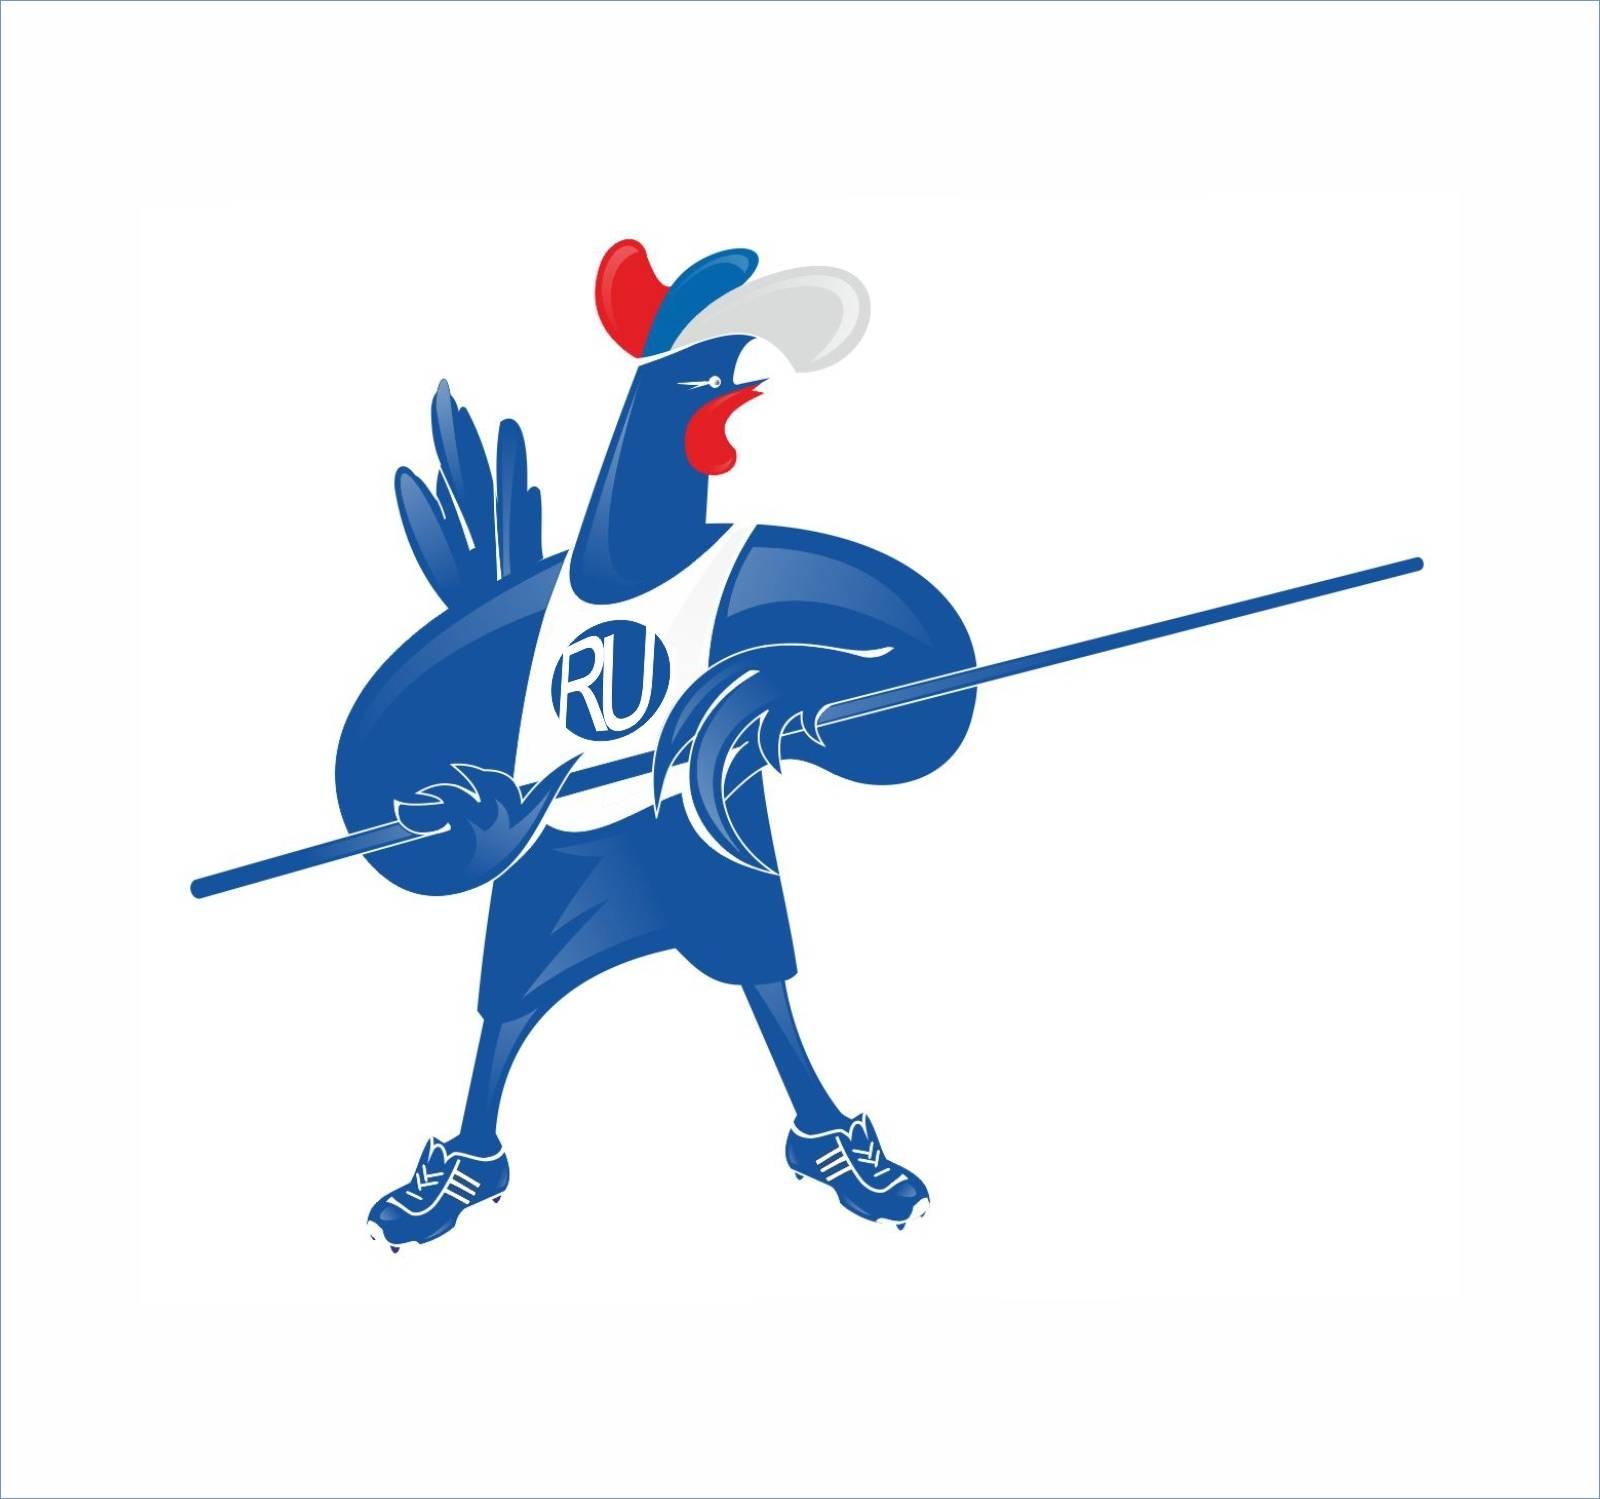 Эскиз ( вариант ) символа Московского чемпионата по лёгкой атлетике.